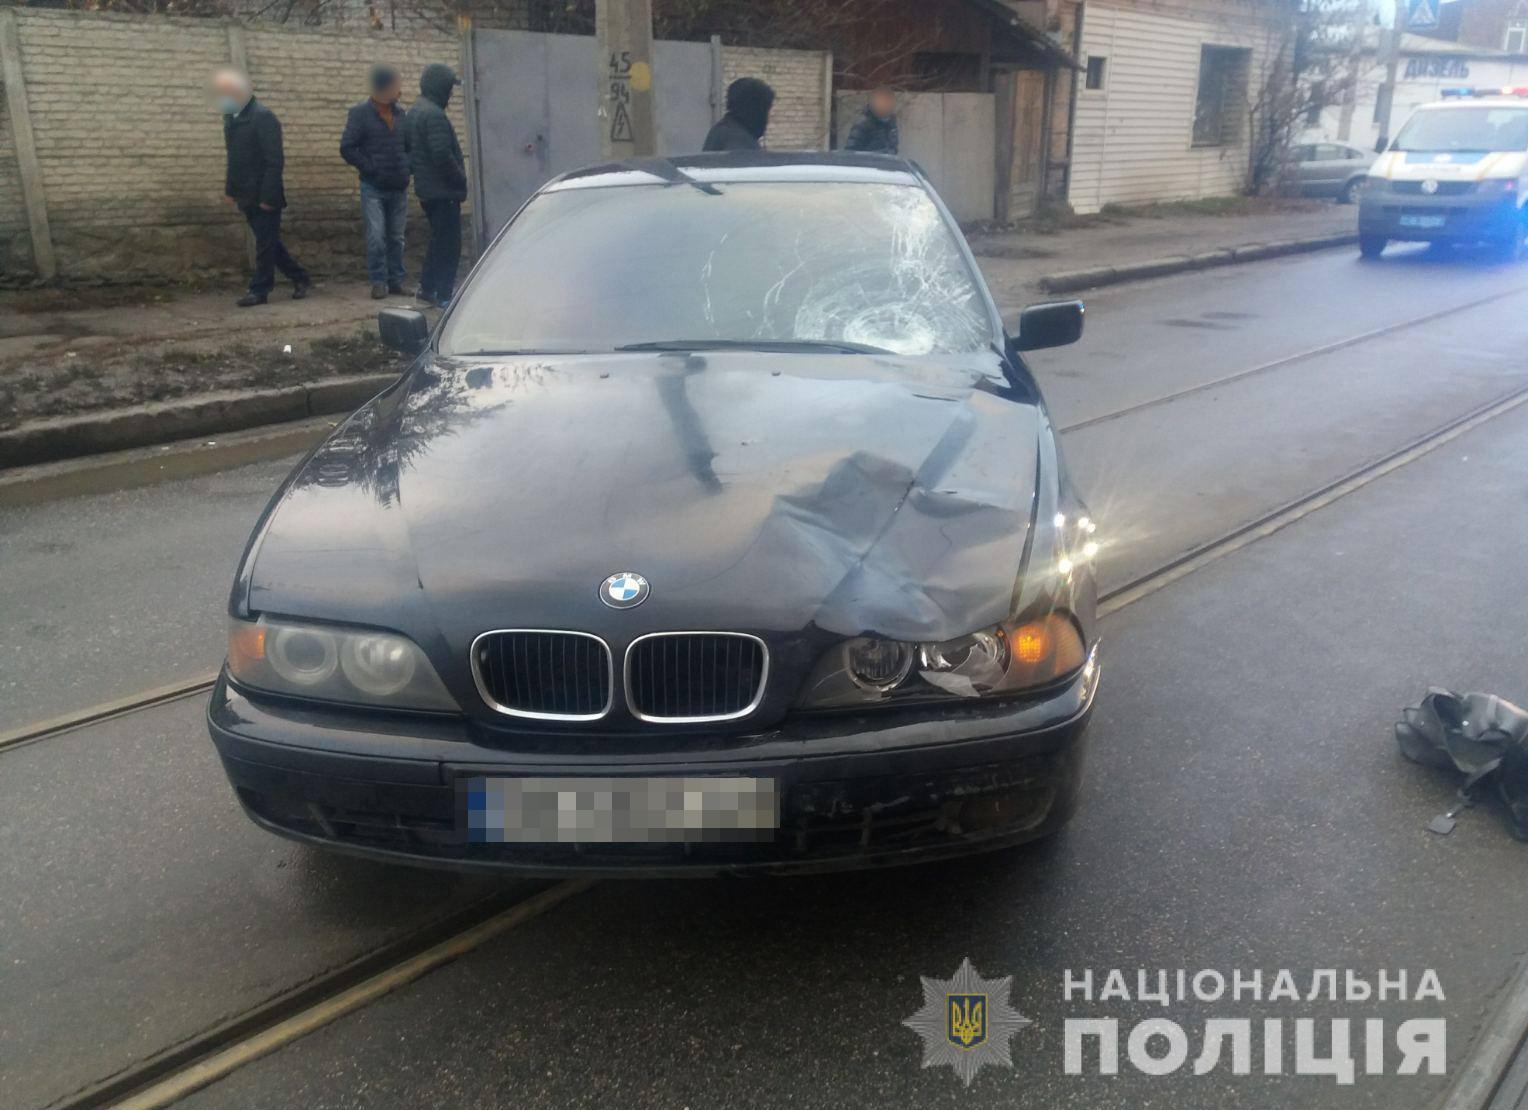 На Гольдберговской водитель BMW насмерть сбил на пешеходном переходе женщину (фото)